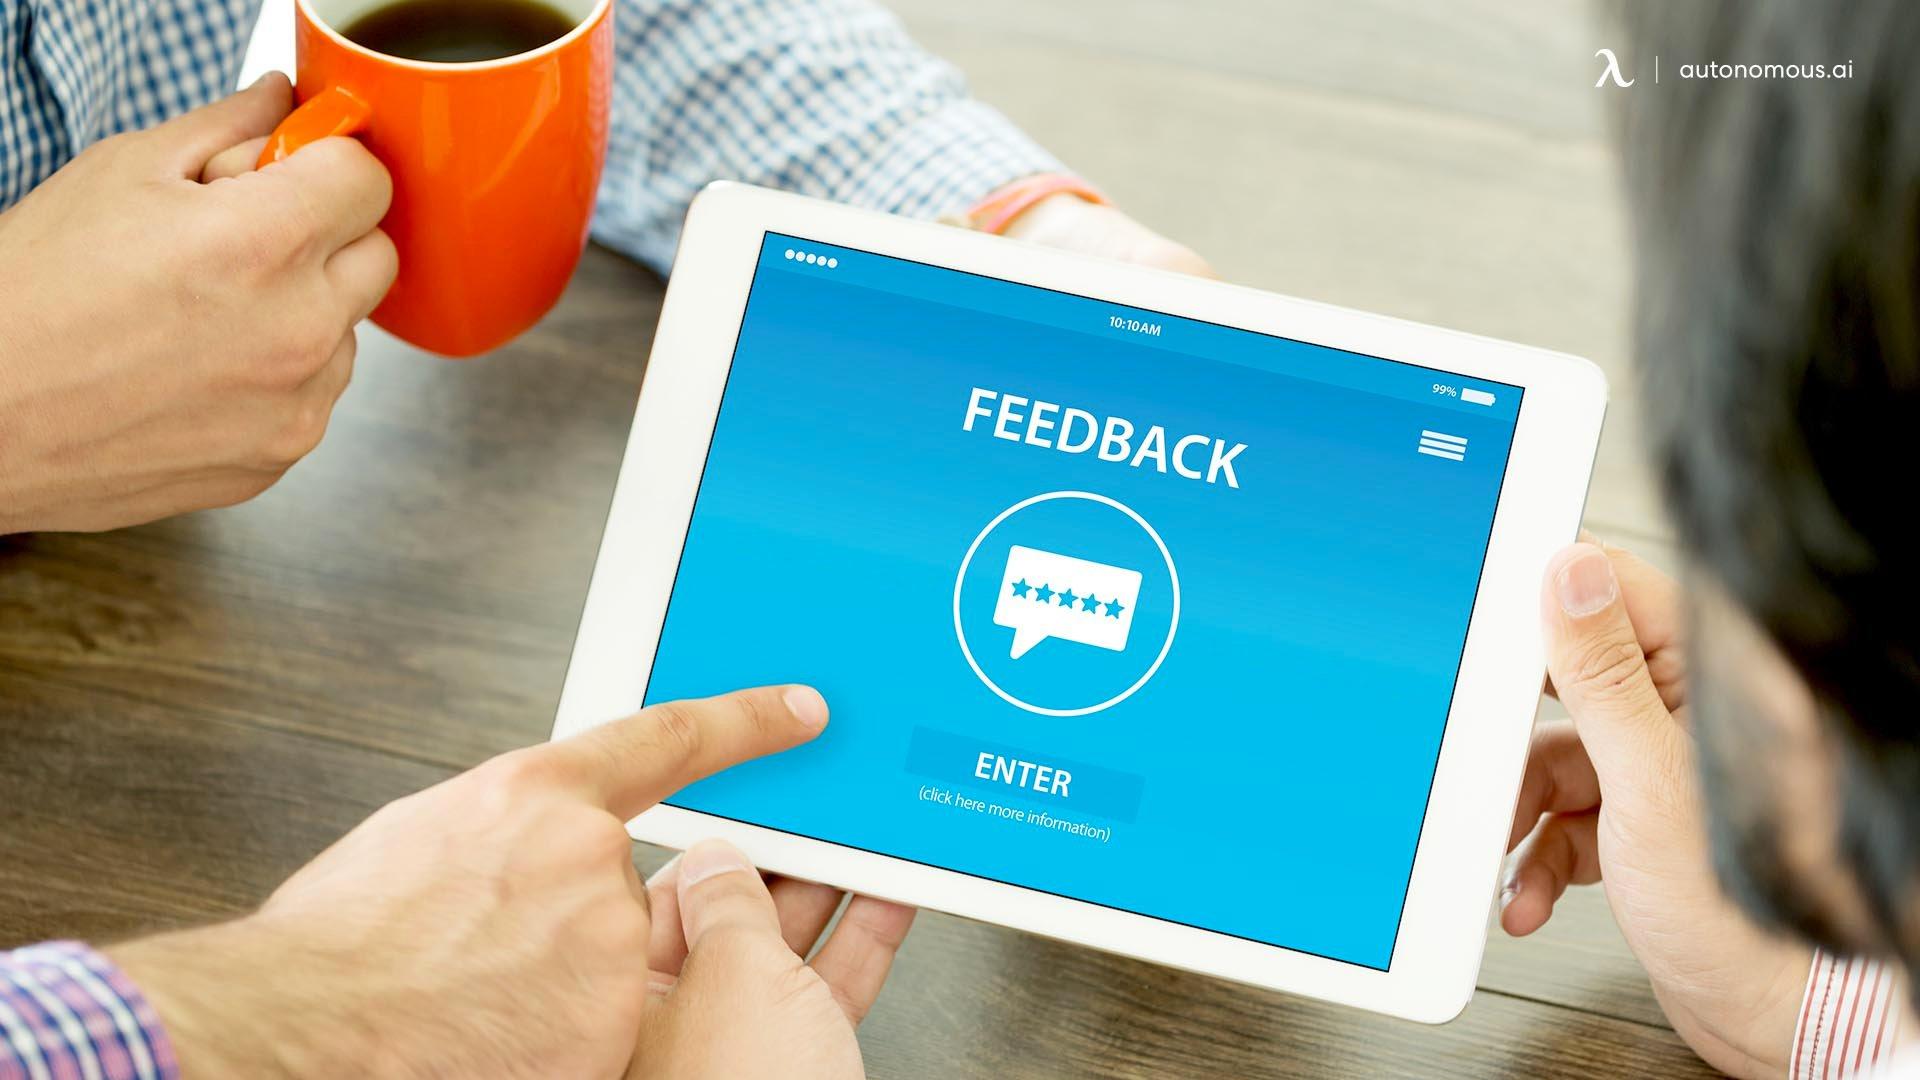 Focus on Employee Feedback